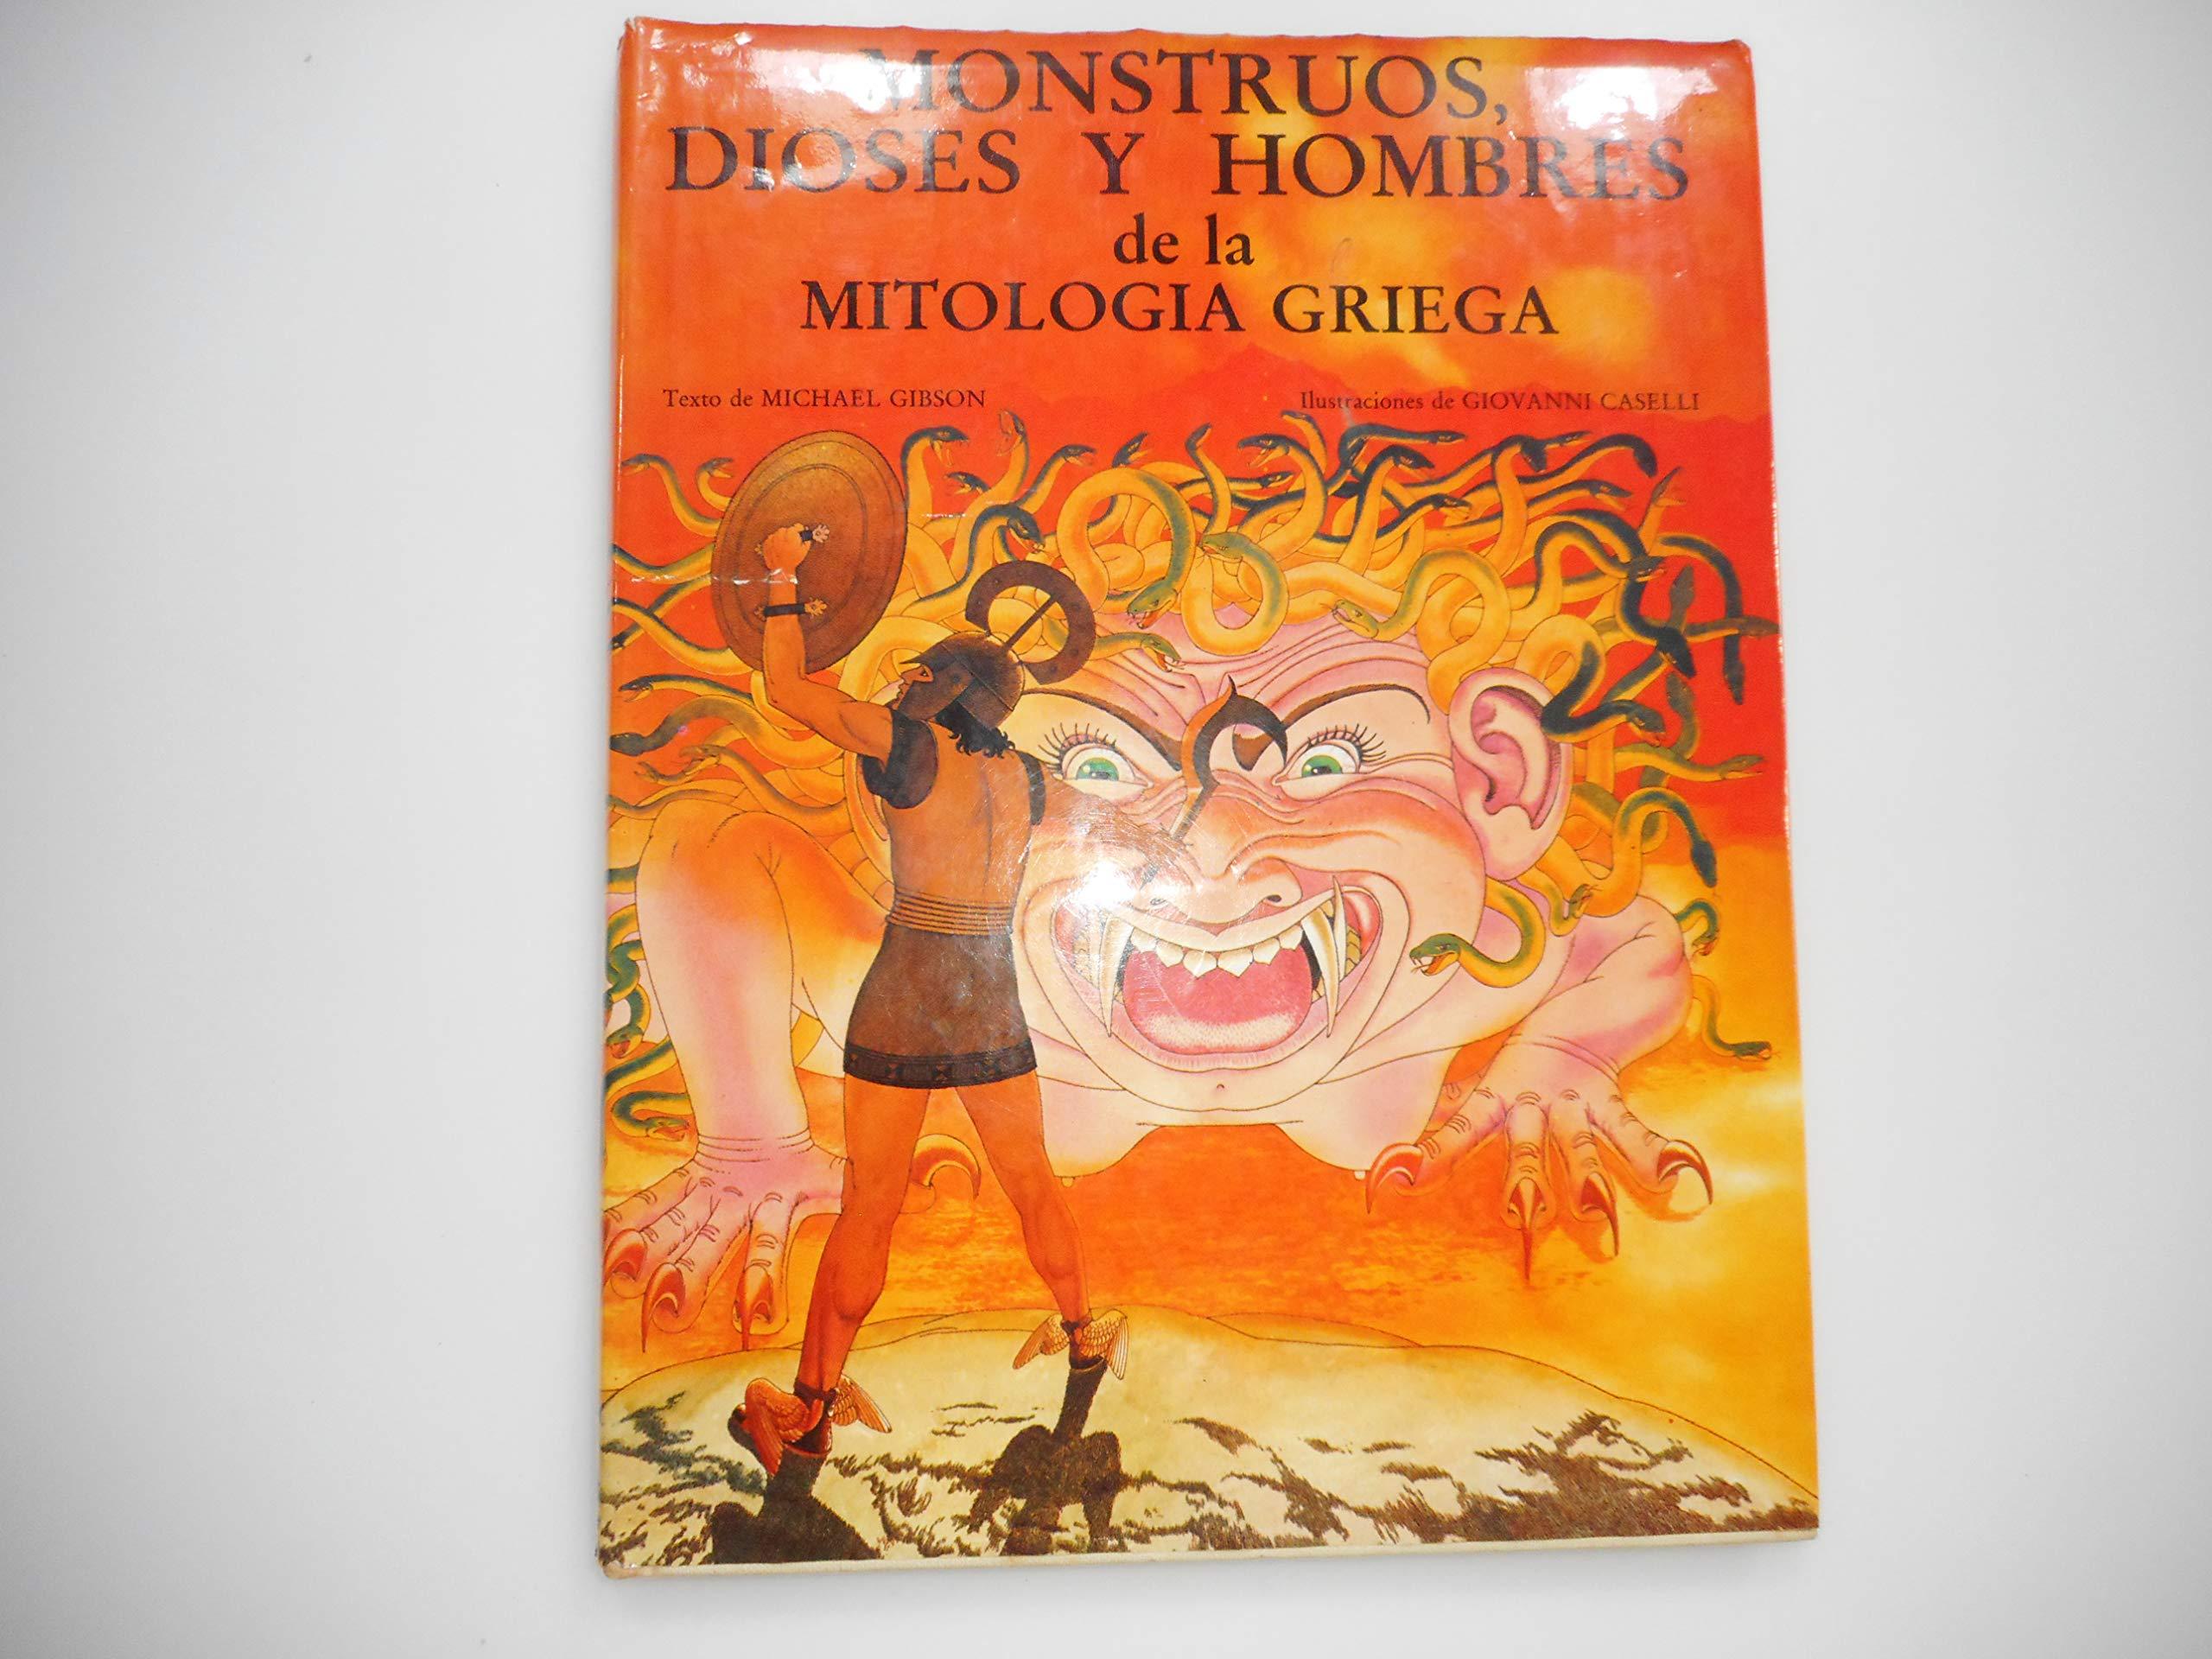 Monstruos, Dioses Y Hombres De La Mitologia Griega: Amazon.es: Michael Gibson, Giovanni Caselli: Libros